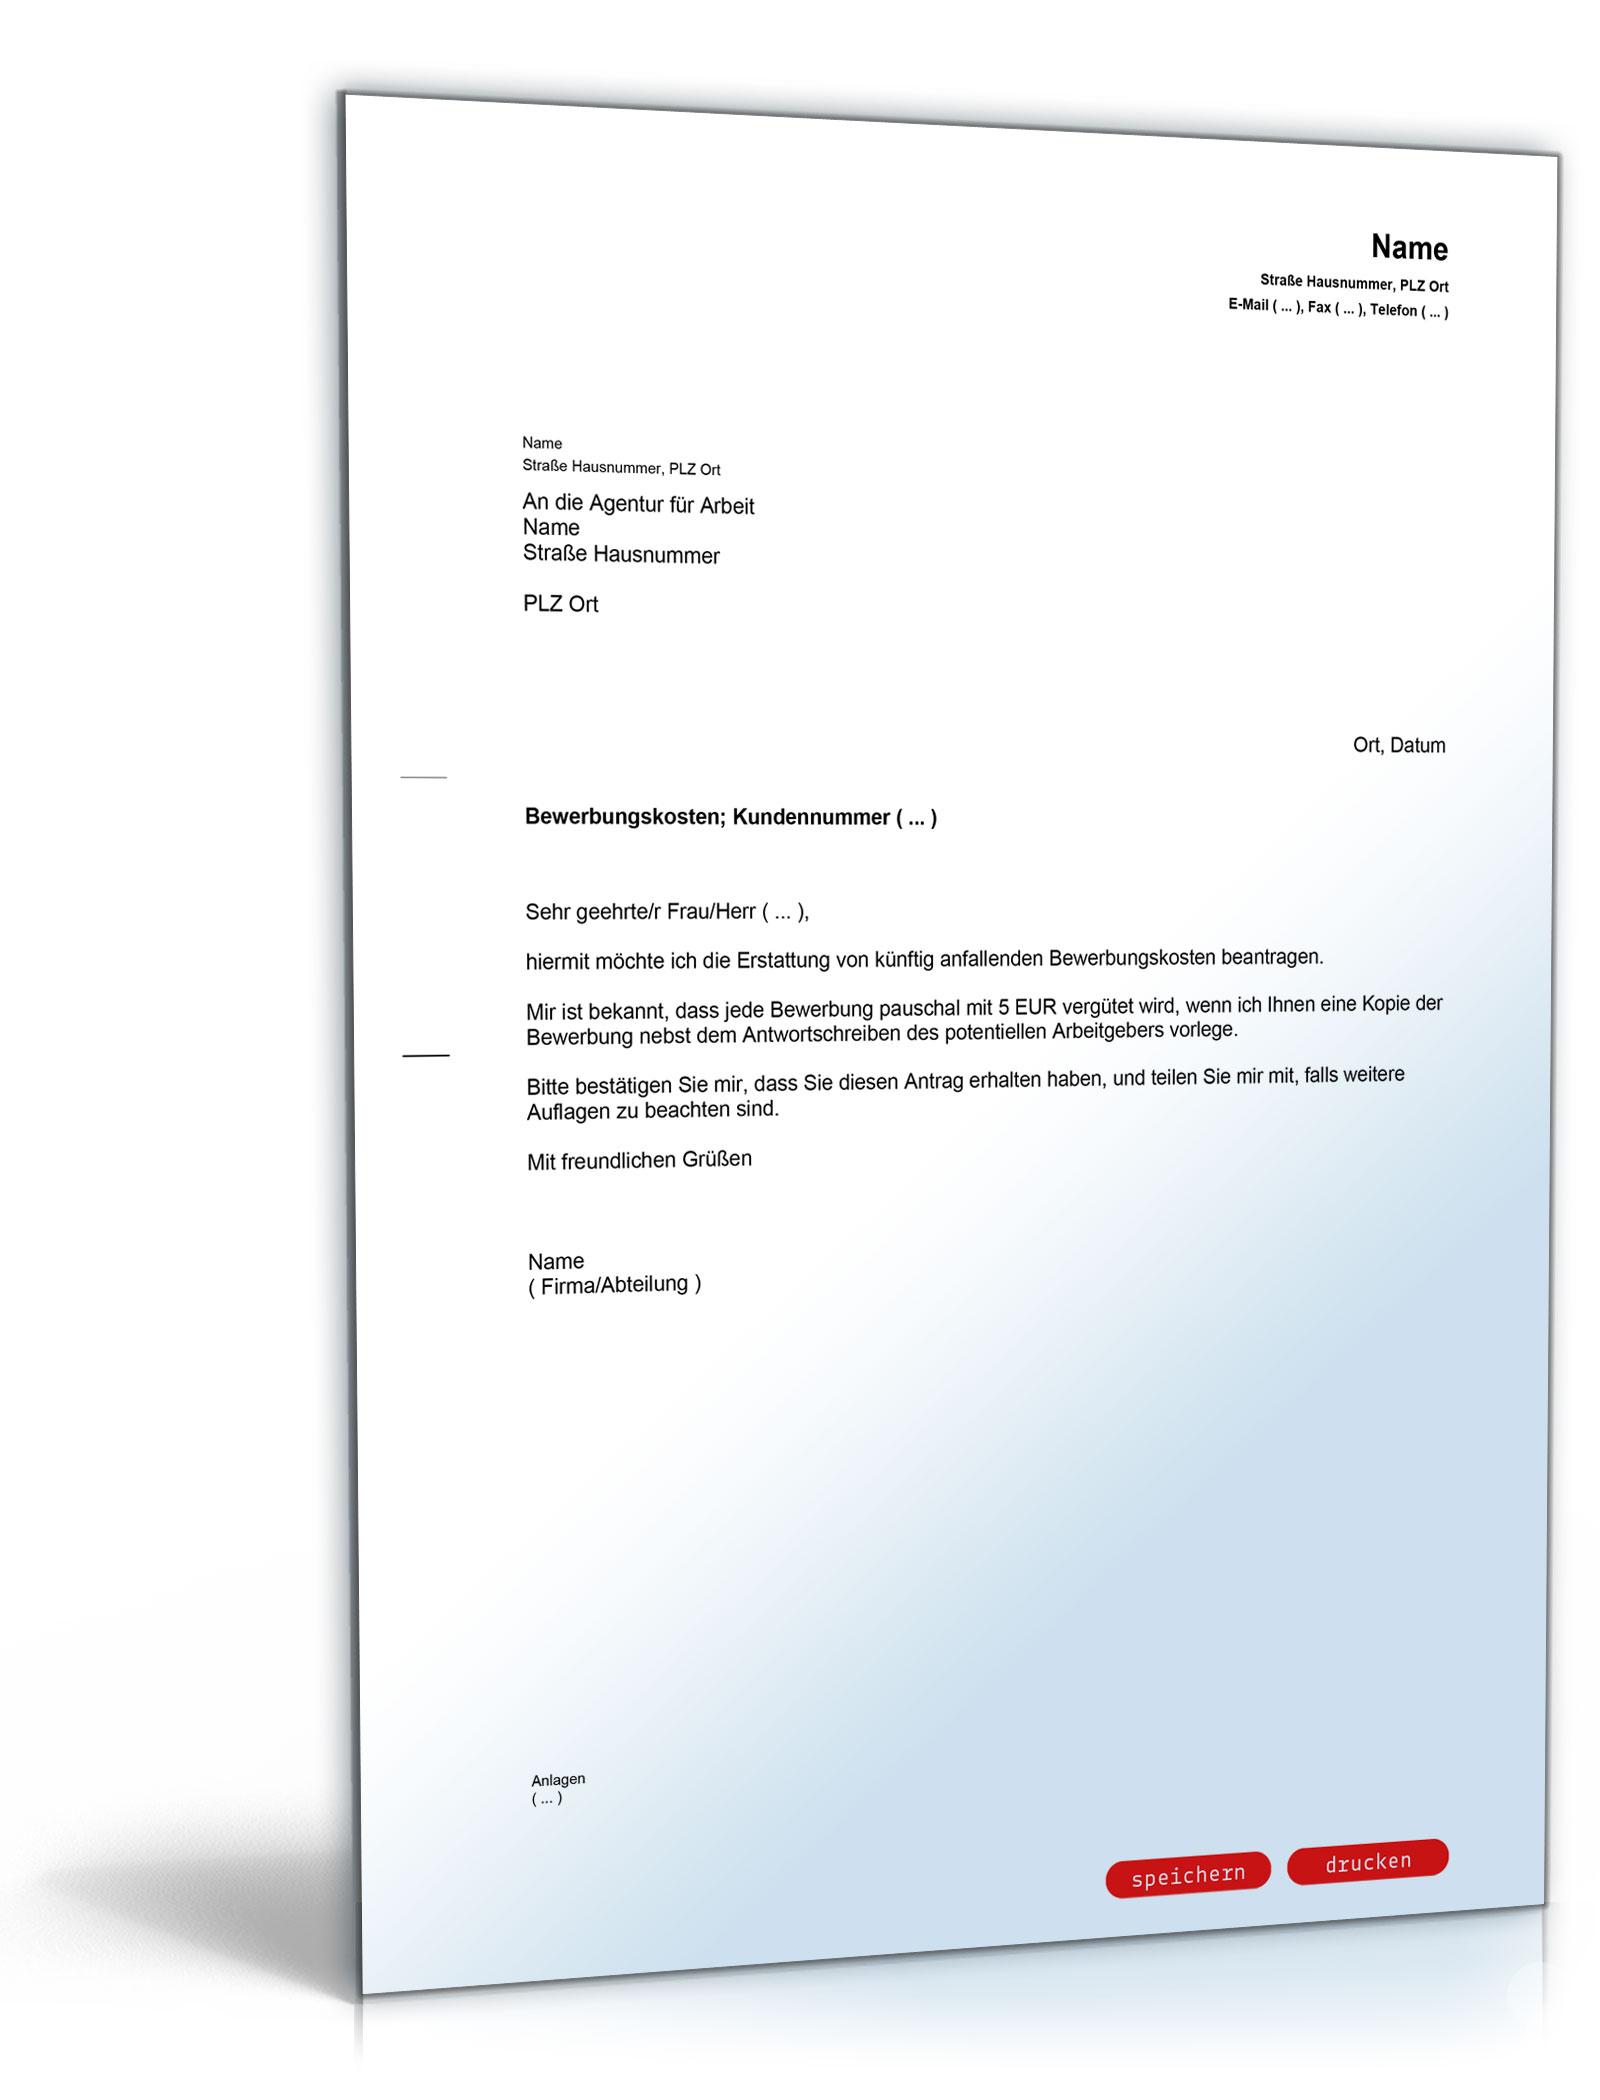 Antrag auf Erstattung von Bewerbungskosten bei der Agentur für Arbeit